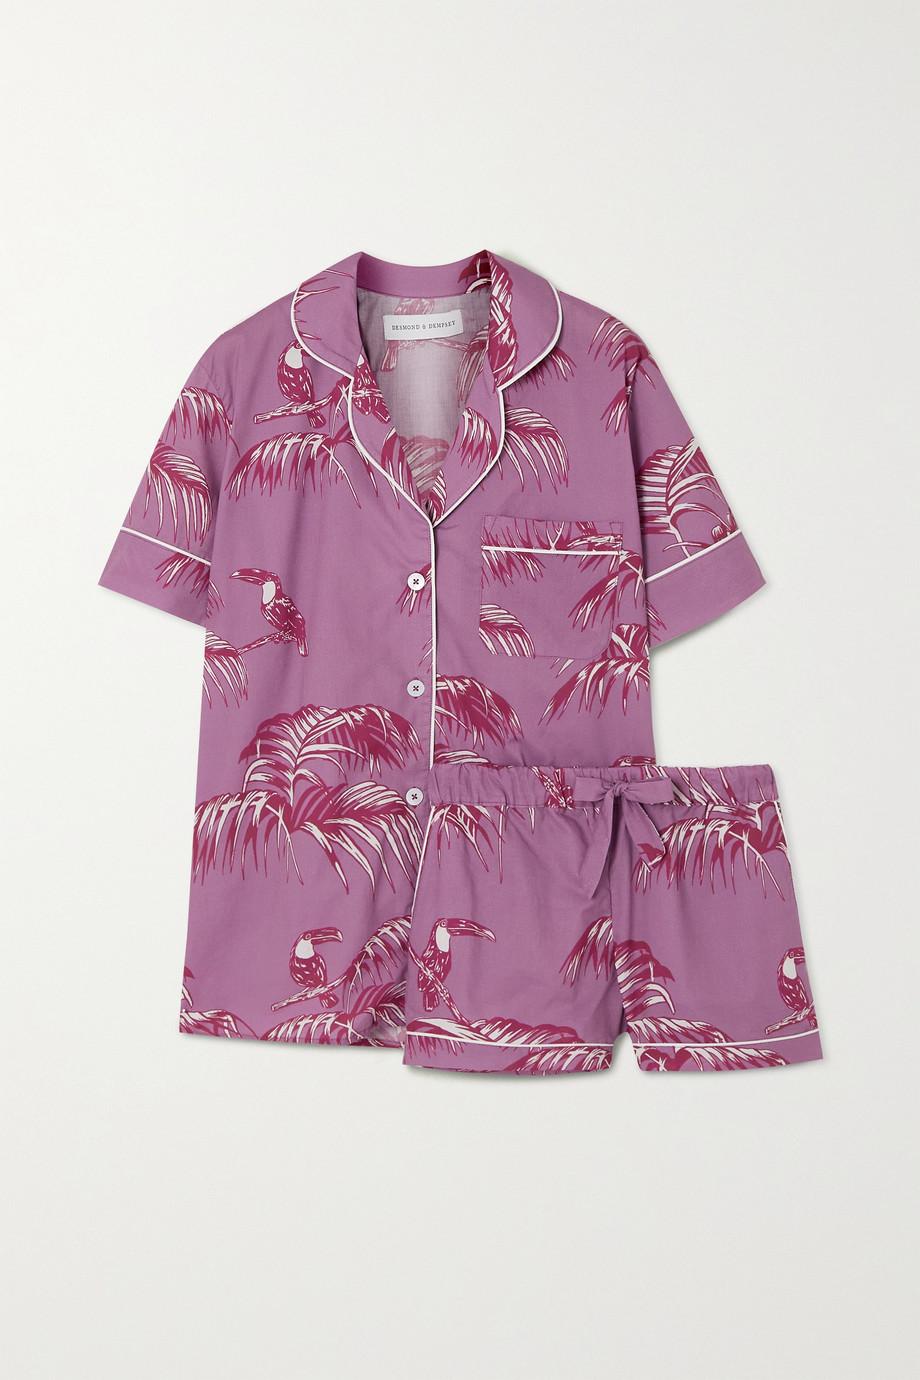 Desmond & Dempsey Bocas Pyjama aus bedrucktem Baumwoll-Voile